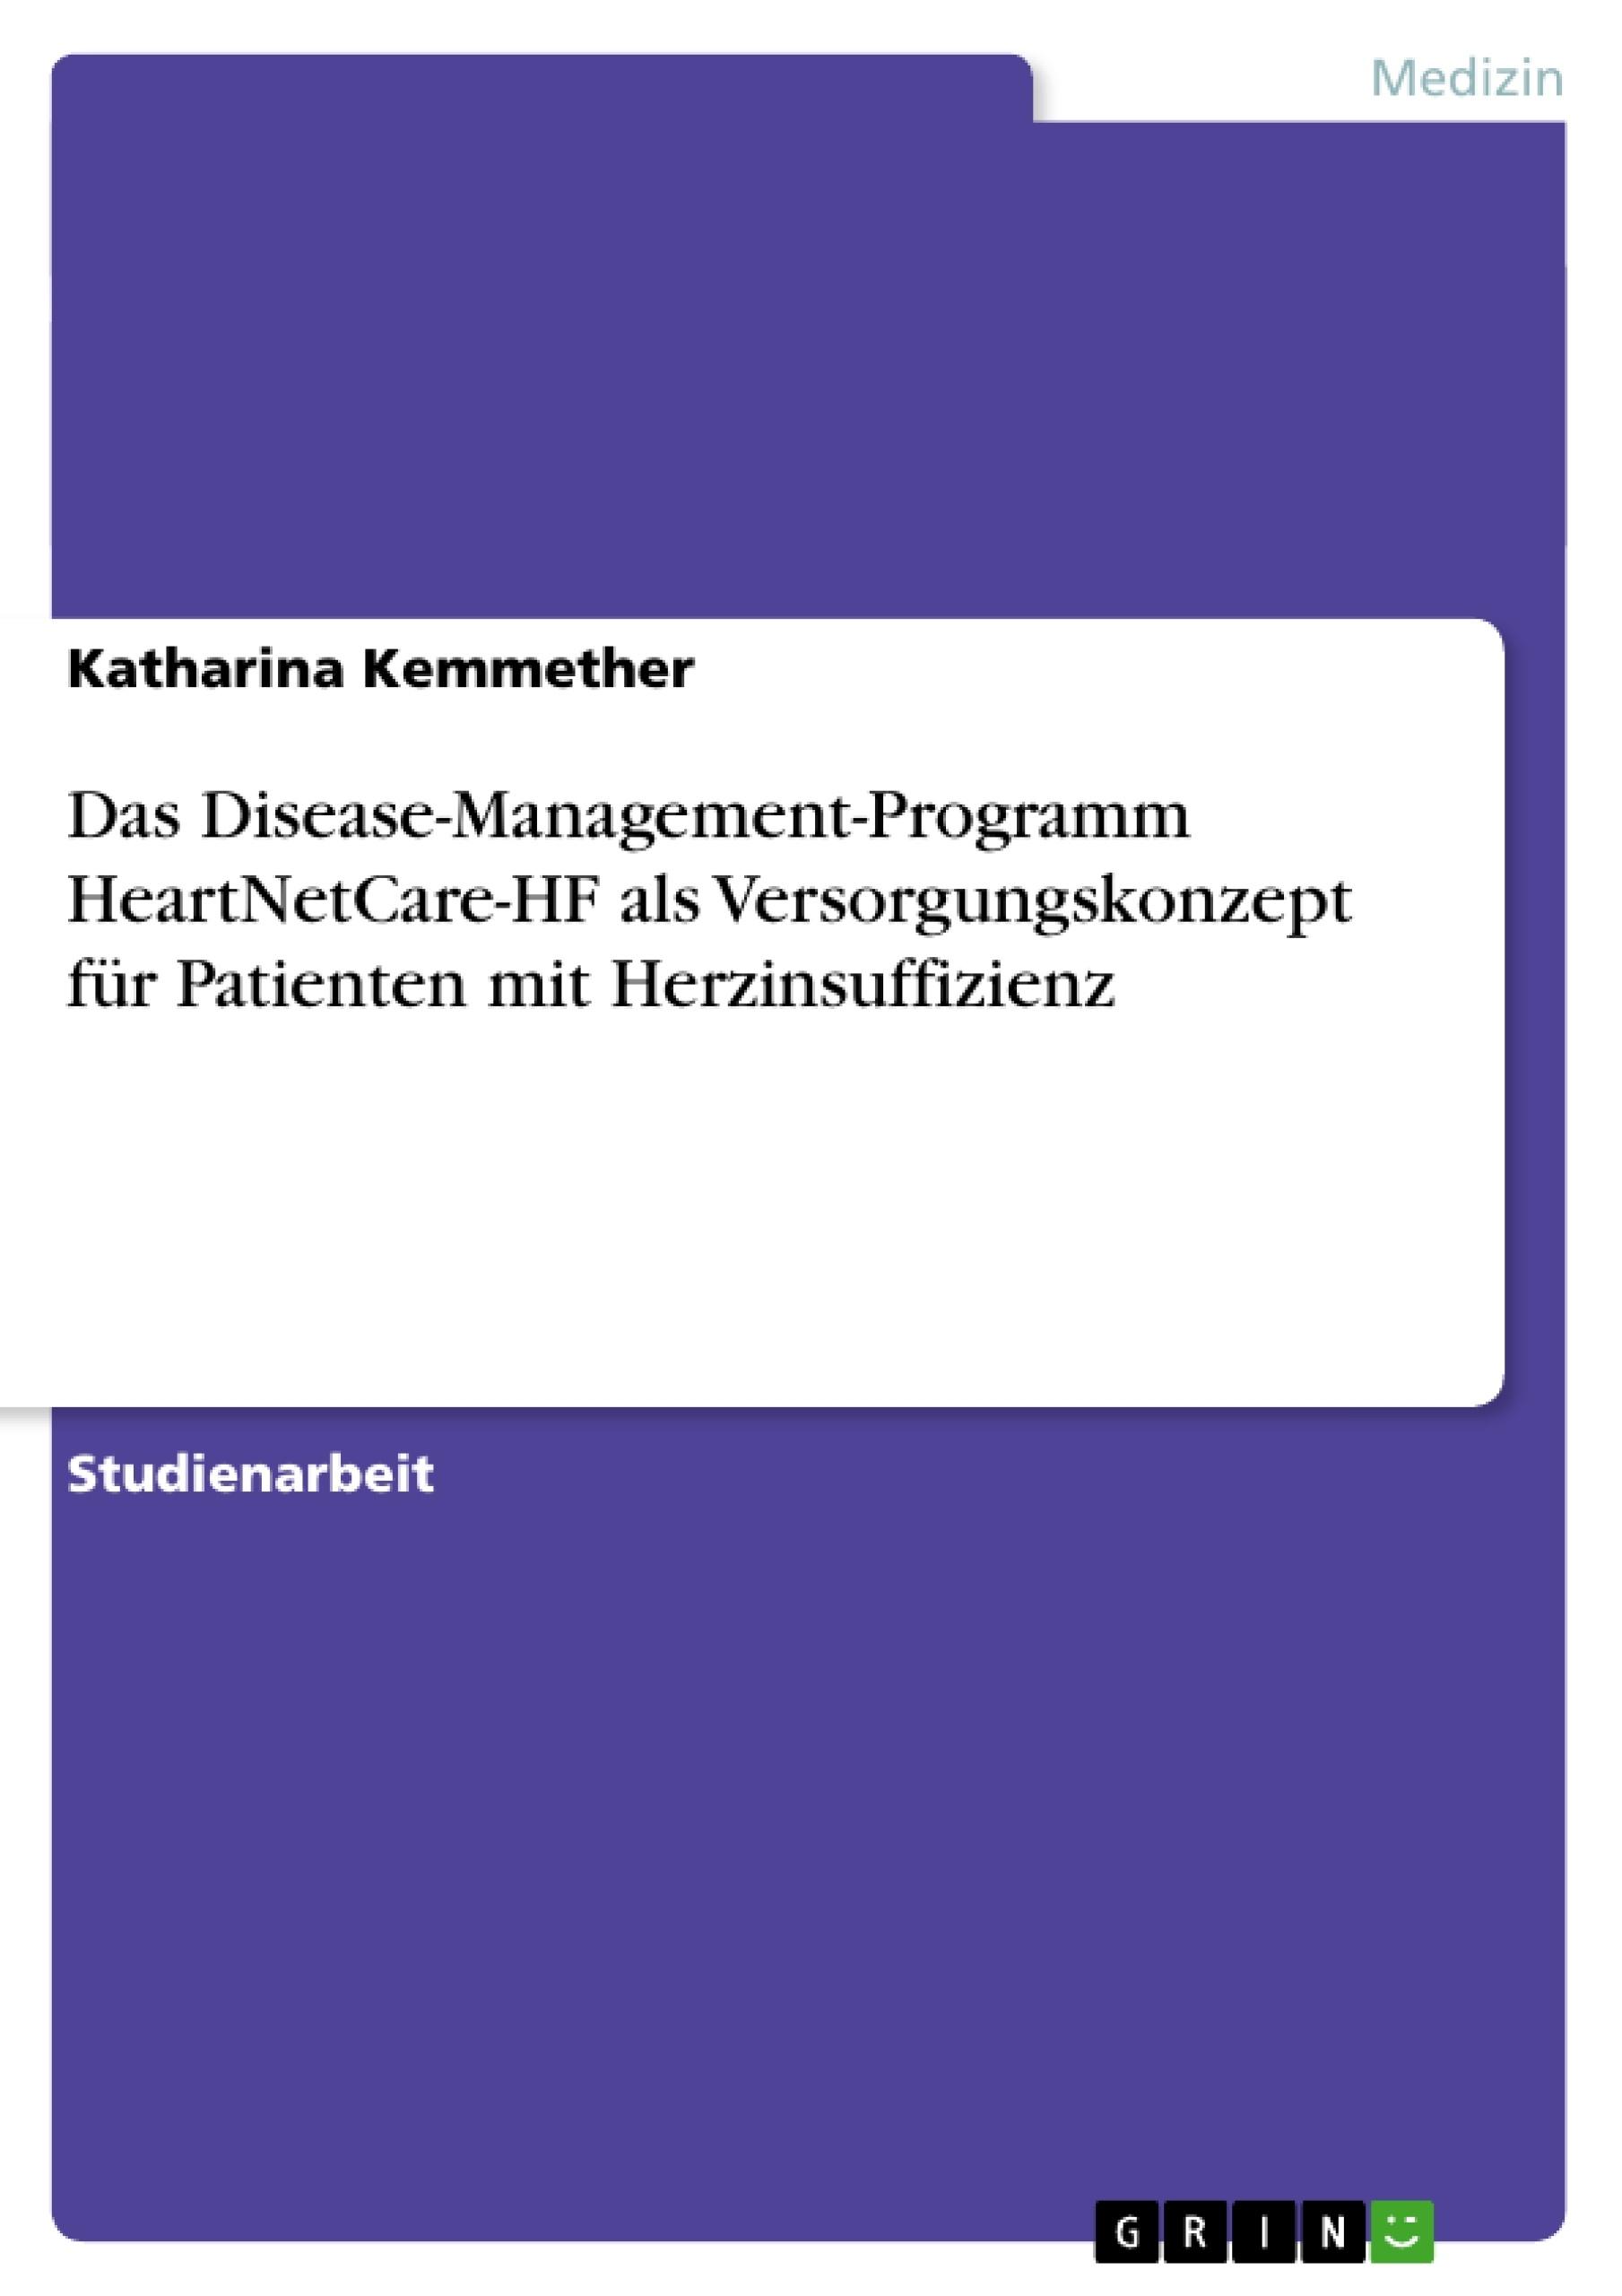 Titel: Das Disease-Management-Programm HeartNetCare-HF als Versorgungskonzept für Patienten mit Herzinsuffizienz